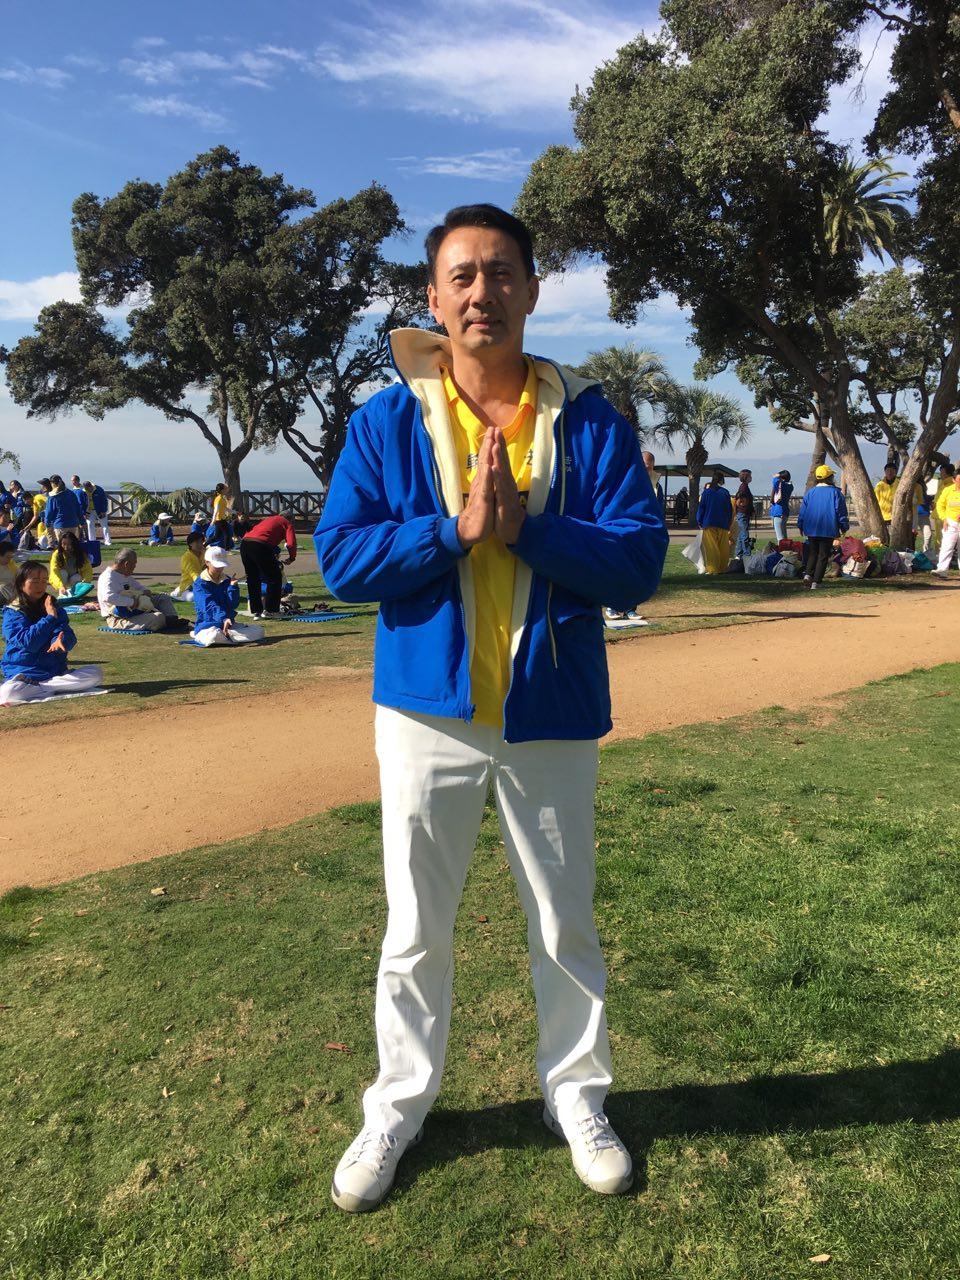 住在杭庭頓海灘(Huntington Beach)的越南裔地產經理人Nhat Hoang,當天開了1個多小時的車,到海邊向法輪大法創始人李洪志先生拜年。(姜琳達/大紀元)